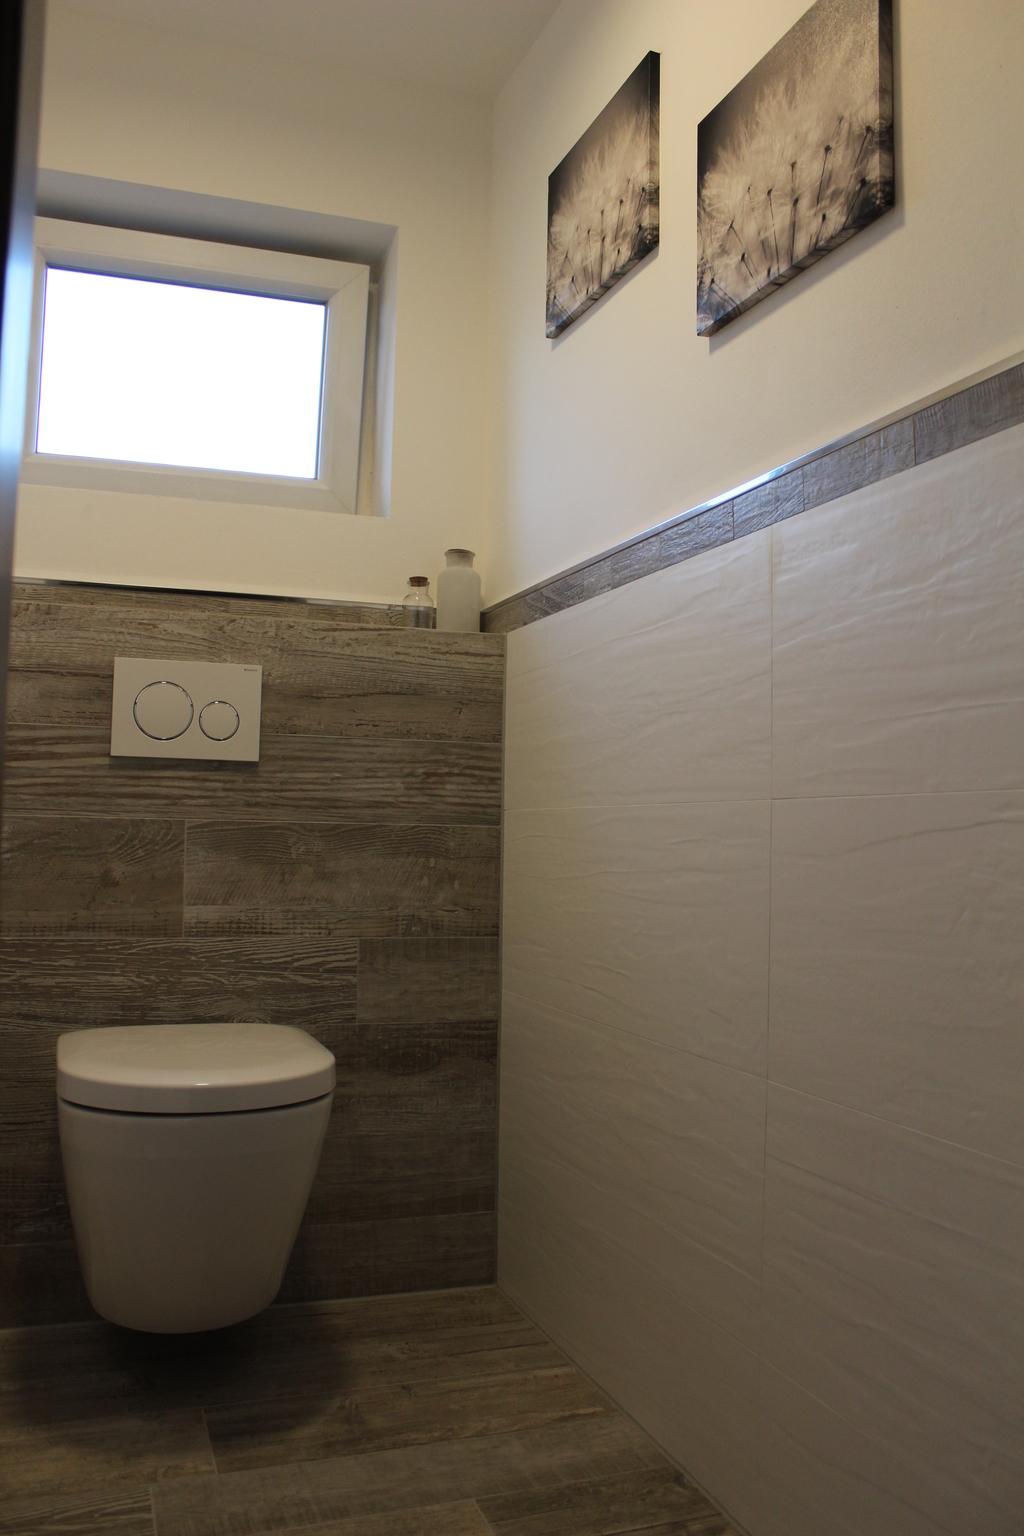 WC - Fliesen - Bagaric